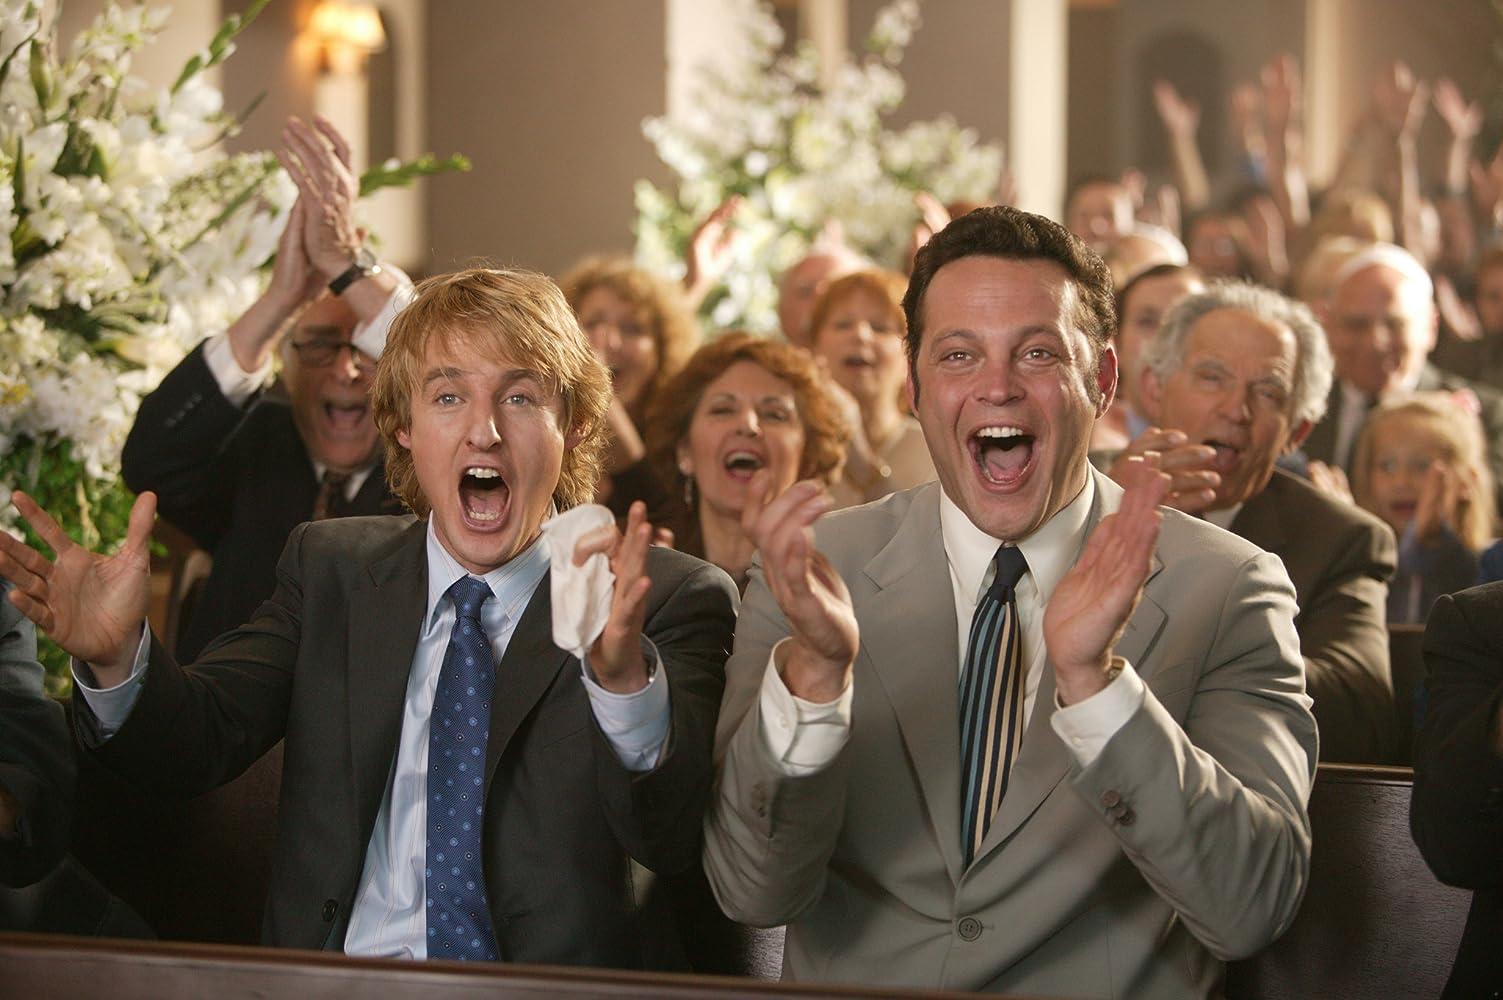 Vince Vaughn and Owen Wilson in Wedding Crashers (2005)